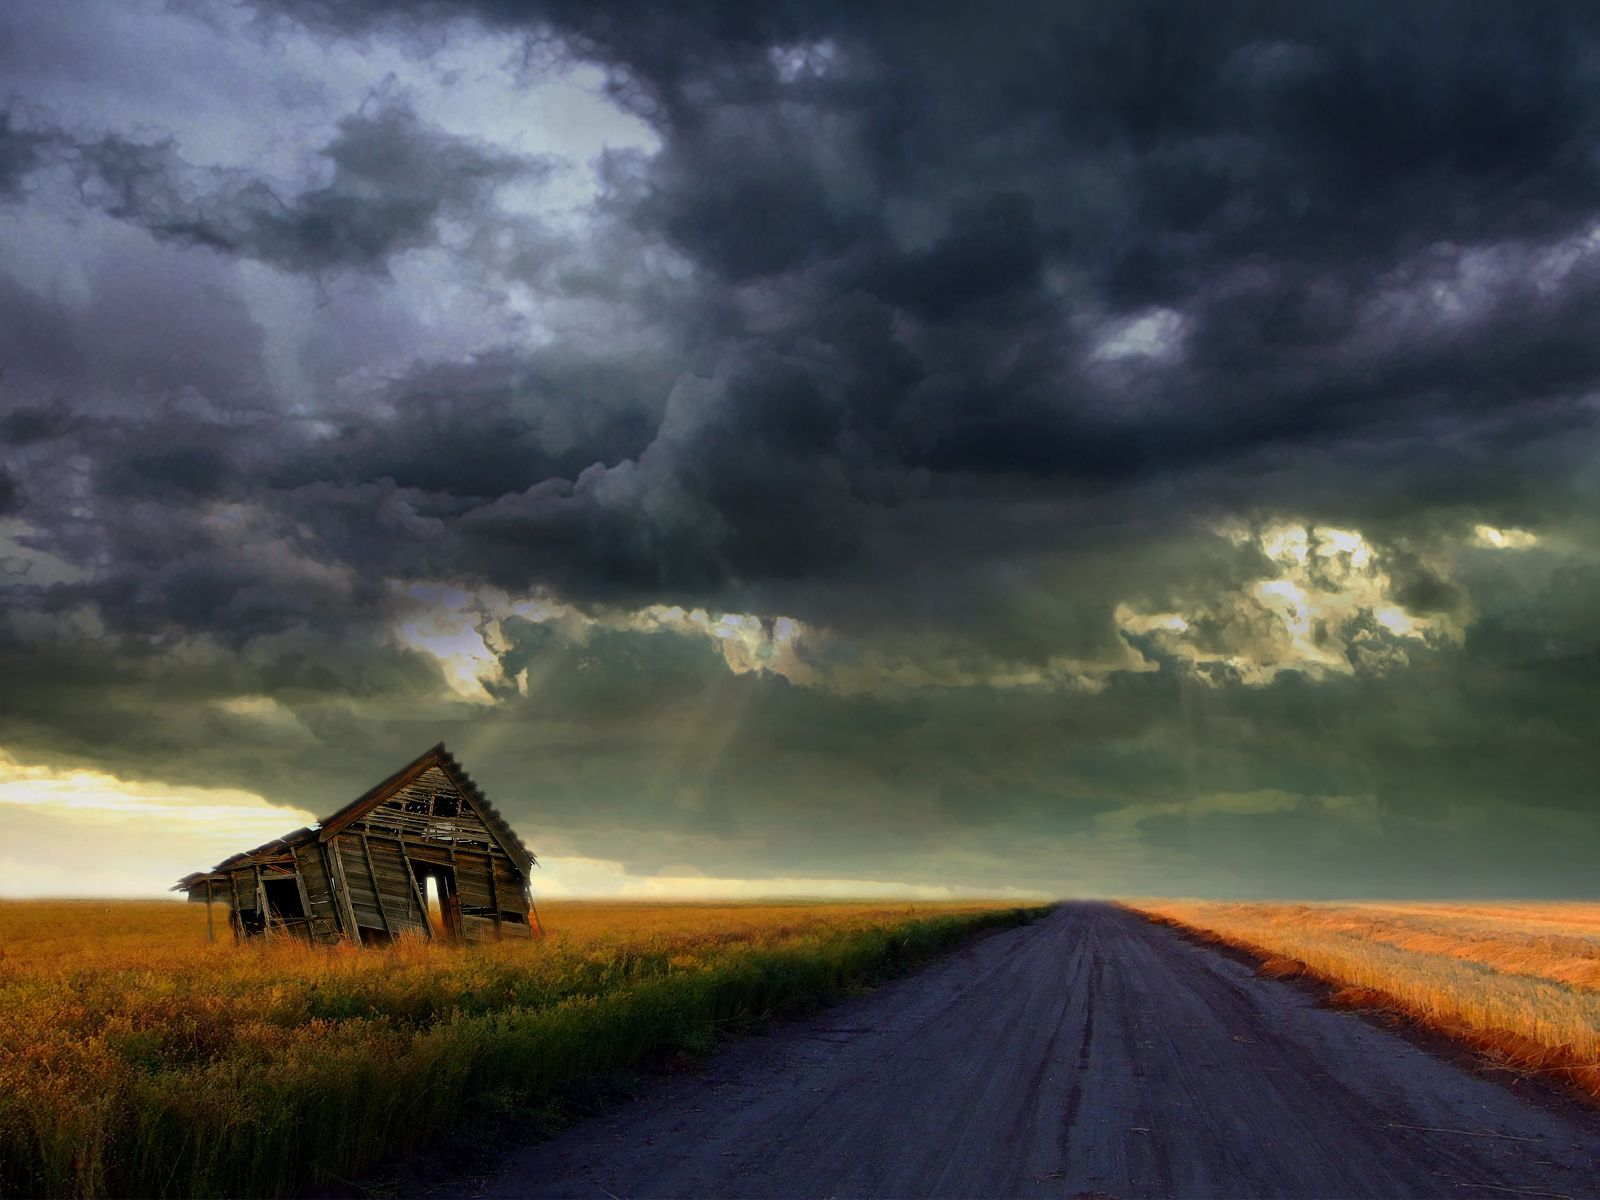 best scenery wallpapers - wallpapersafari